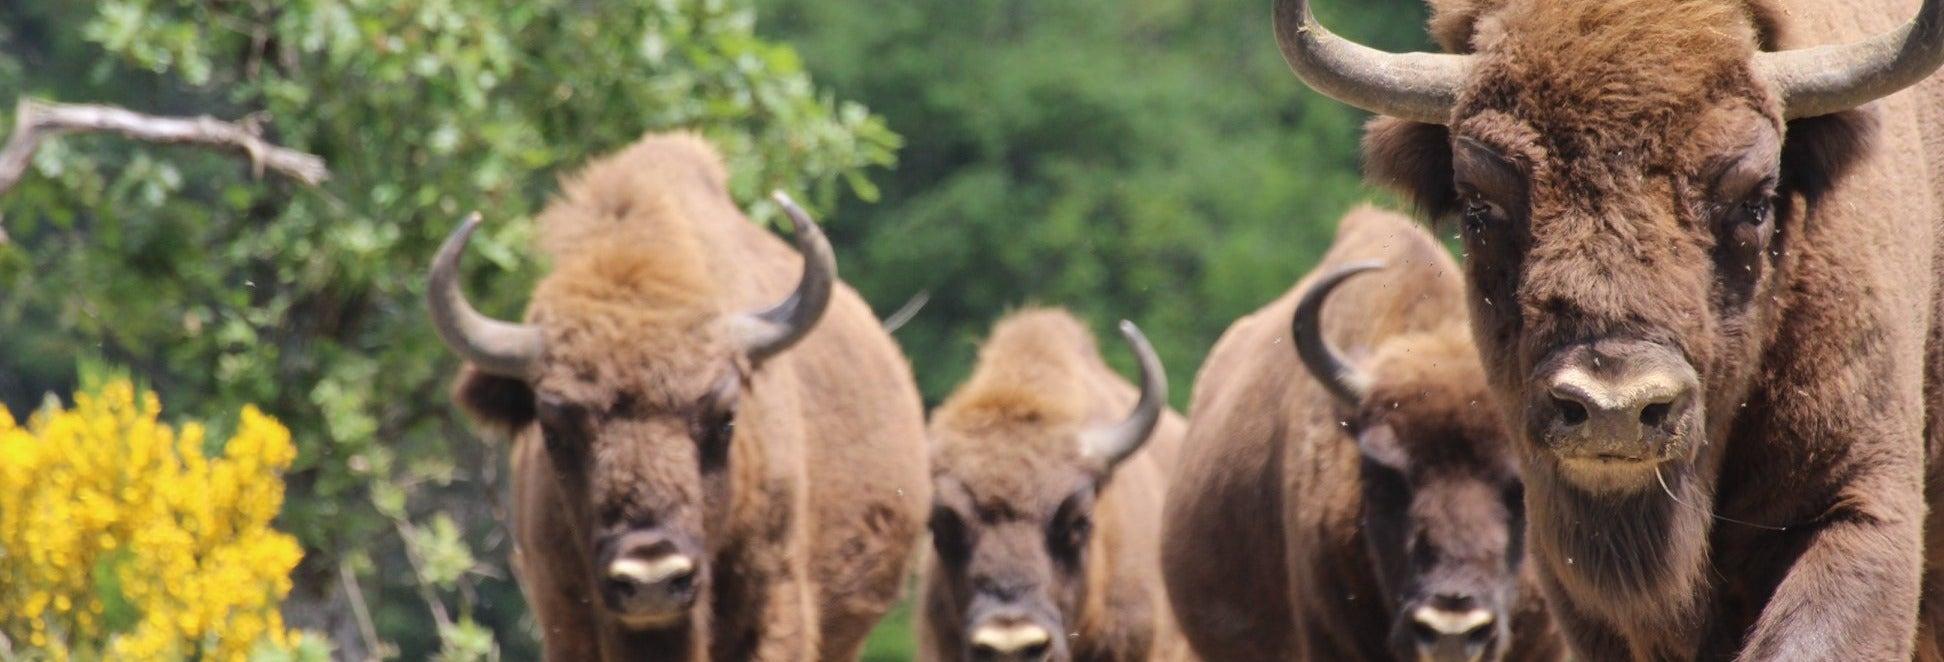 Tour pelo Centro de Interpretação do Bisonte Europeu